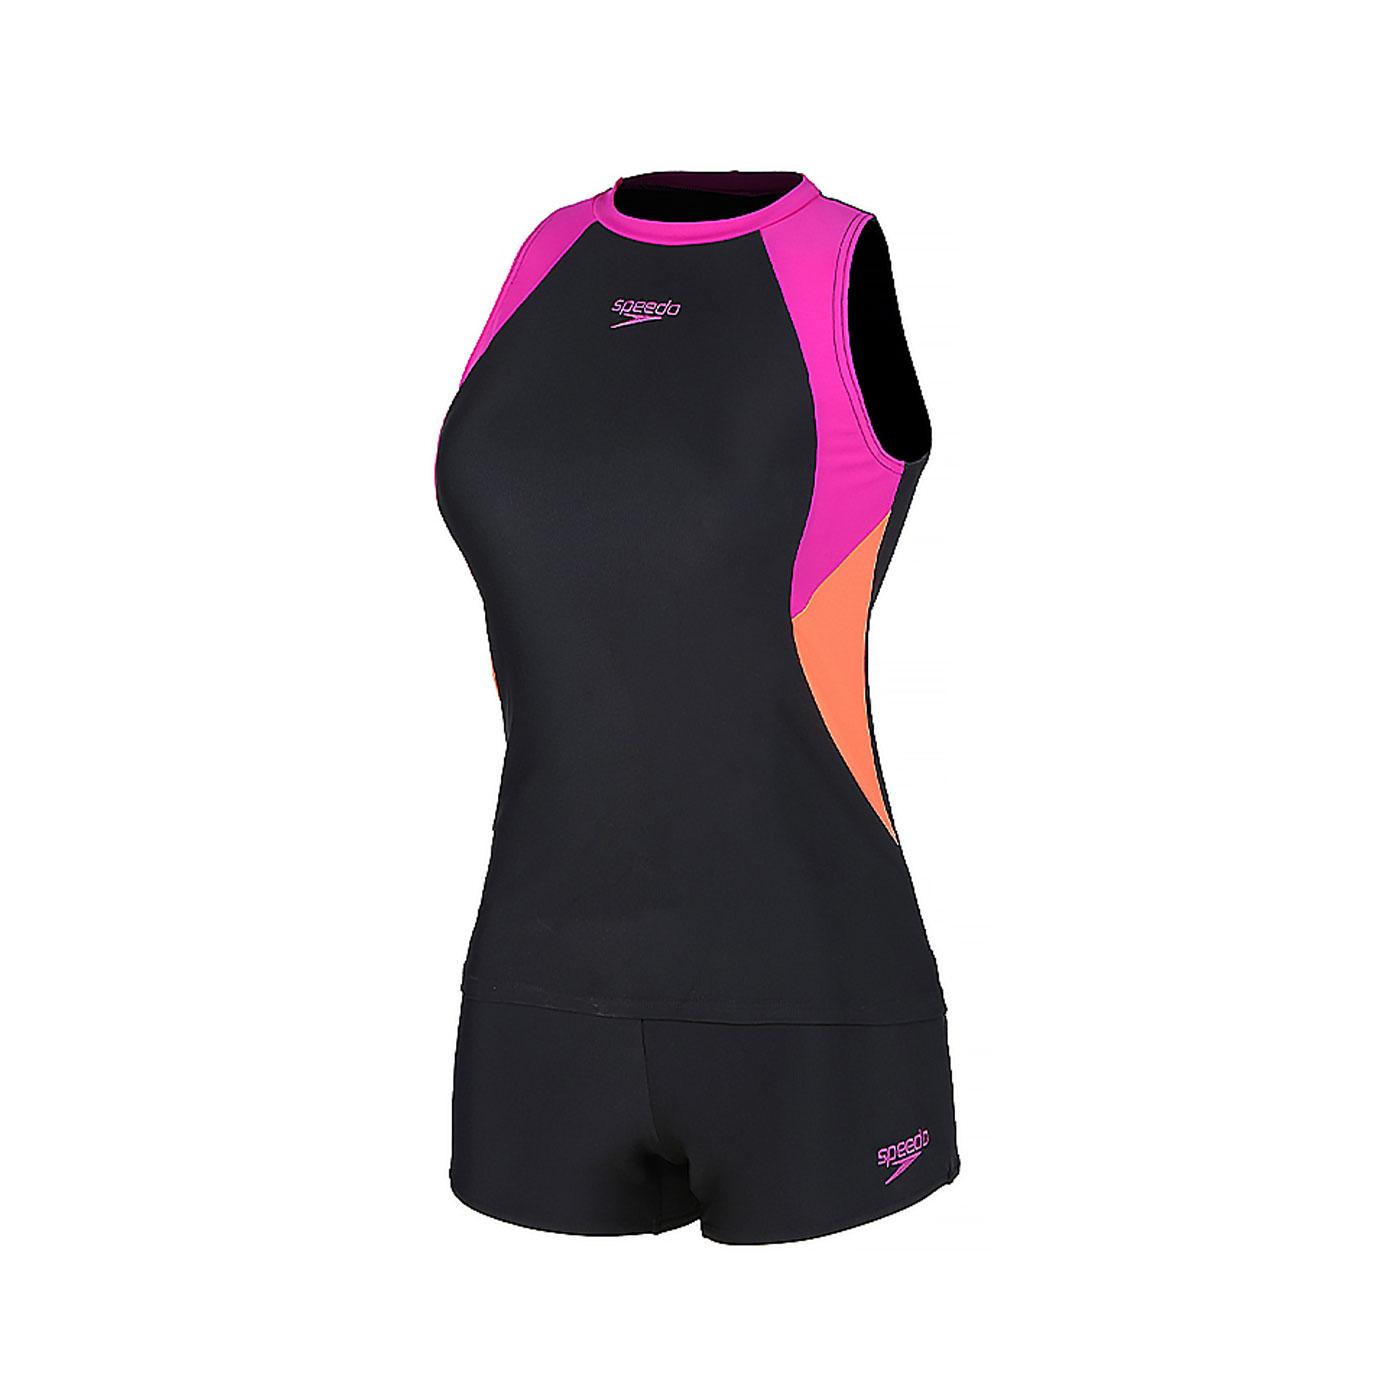 SPEEDO 女款運動兩截式泳裝 SD812945G077